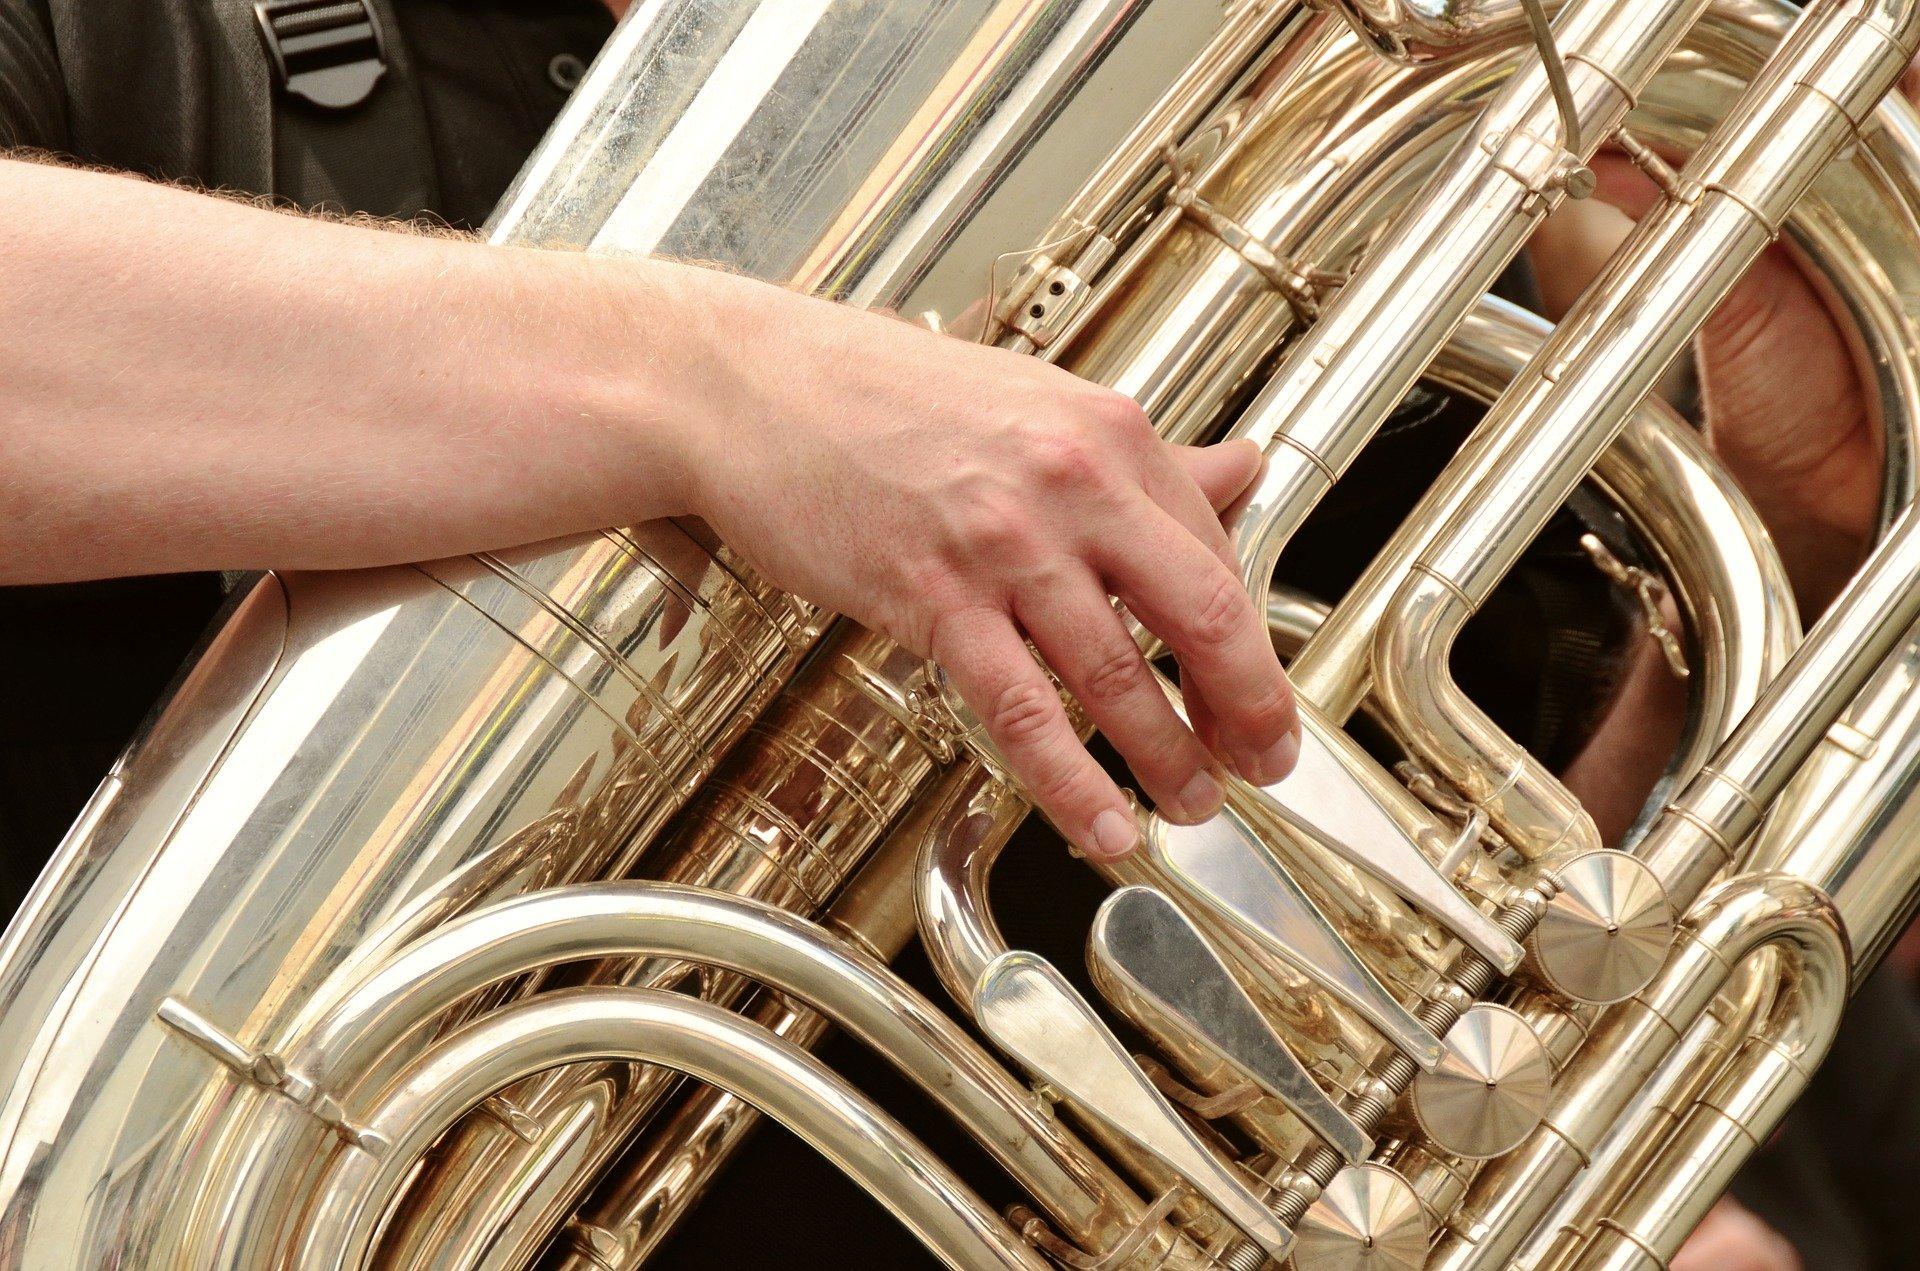 tuba-3246641_1920